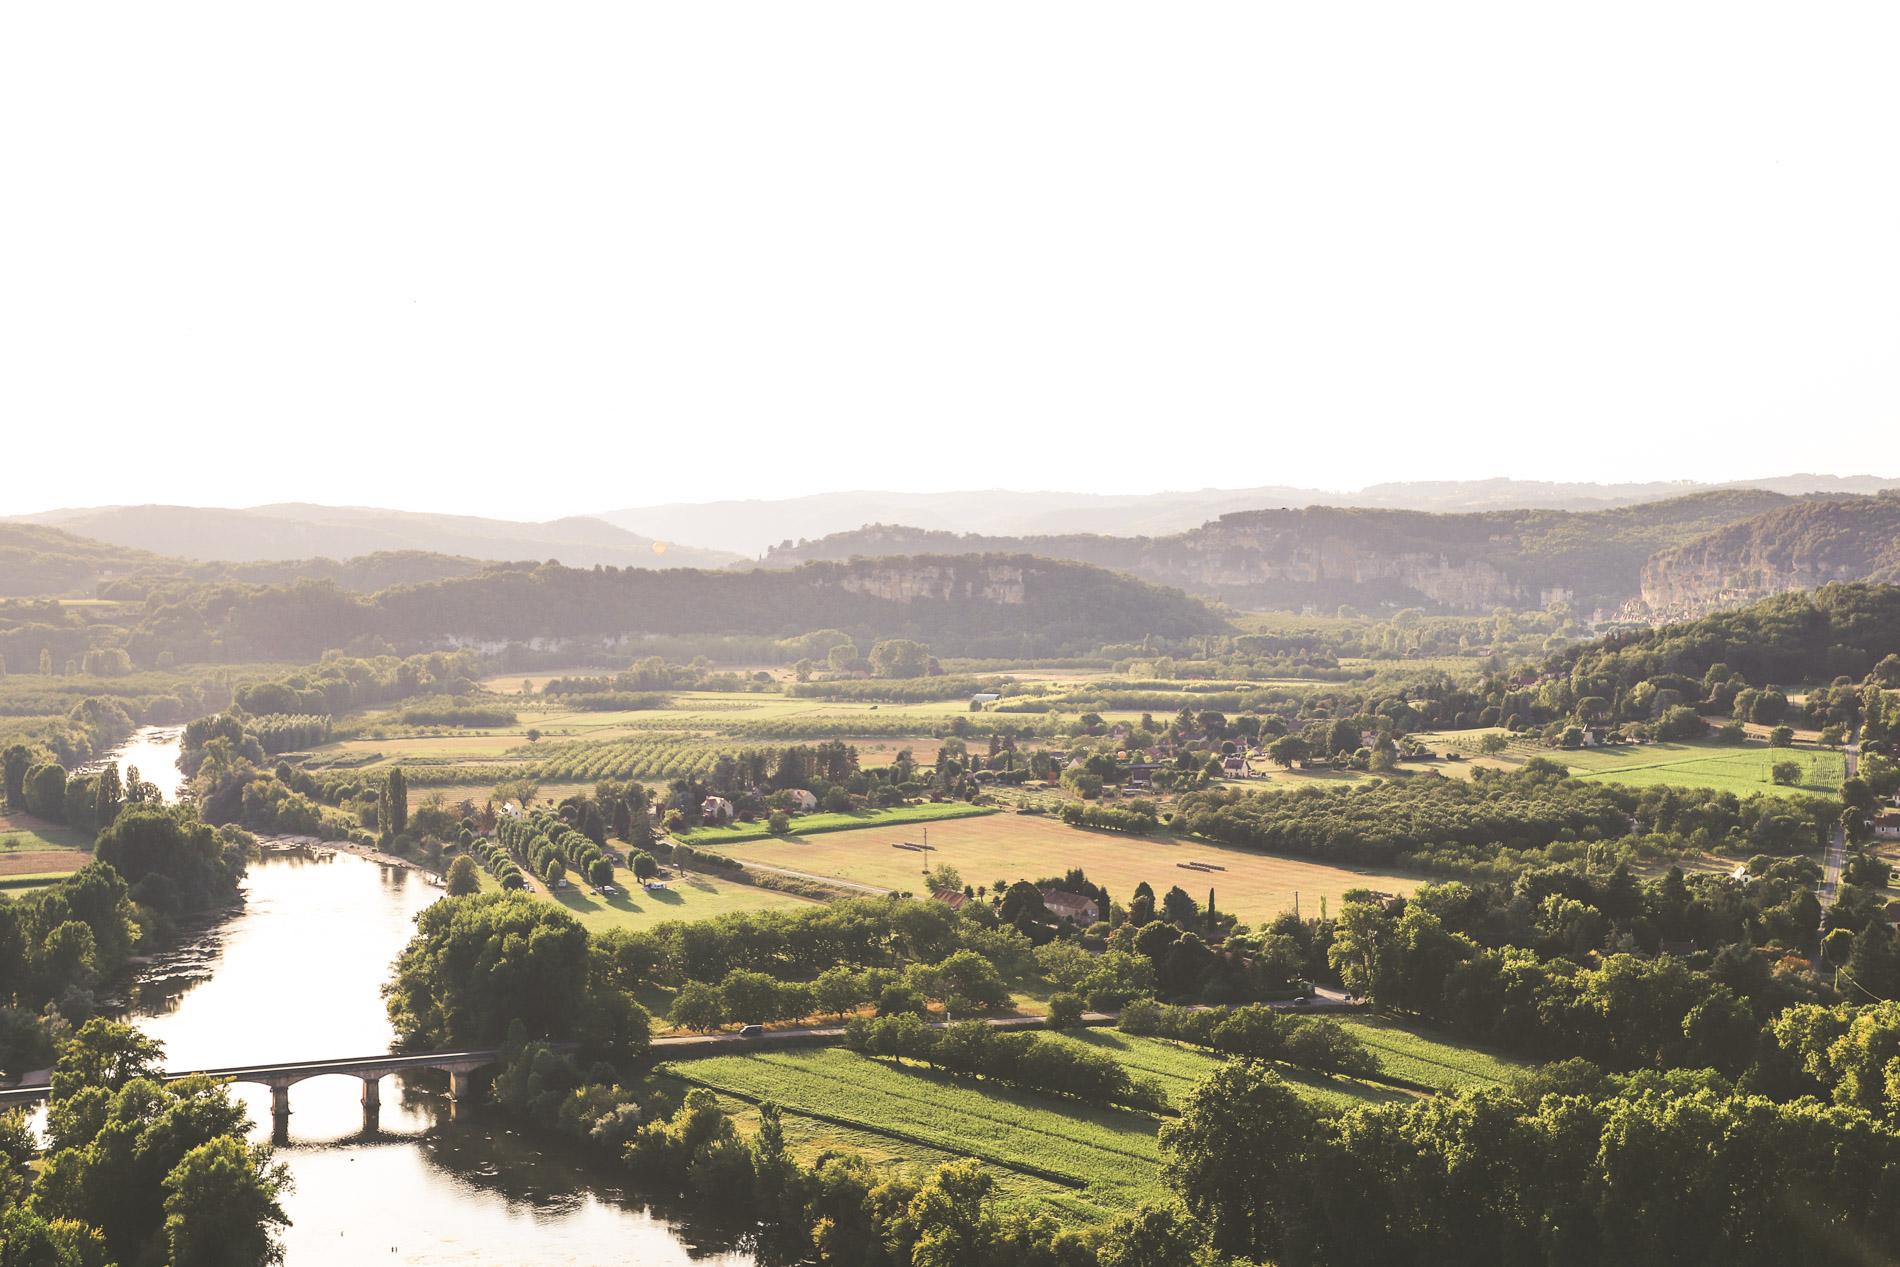 Vue sur La Vallee de la Dordogne depuis Domme